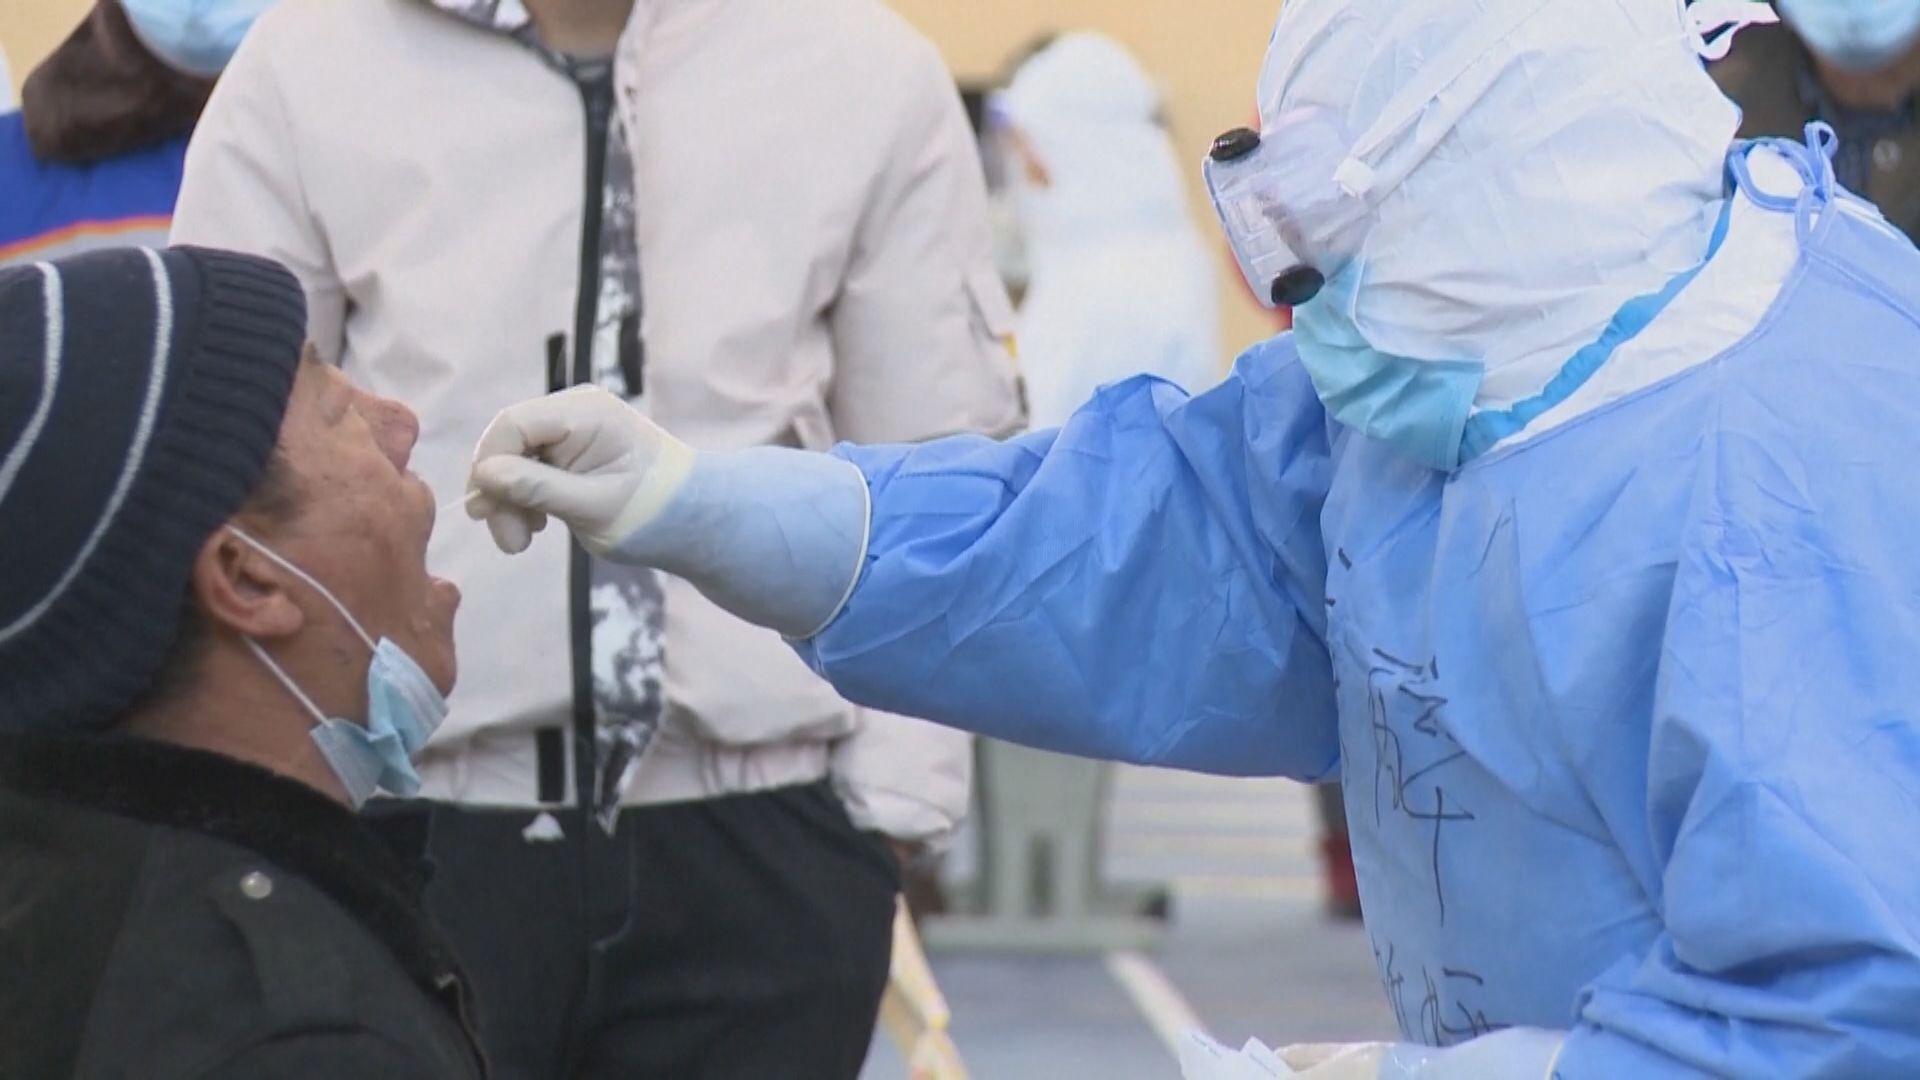 上海旅行團引發疫情涉及多個省市 超過20人確診